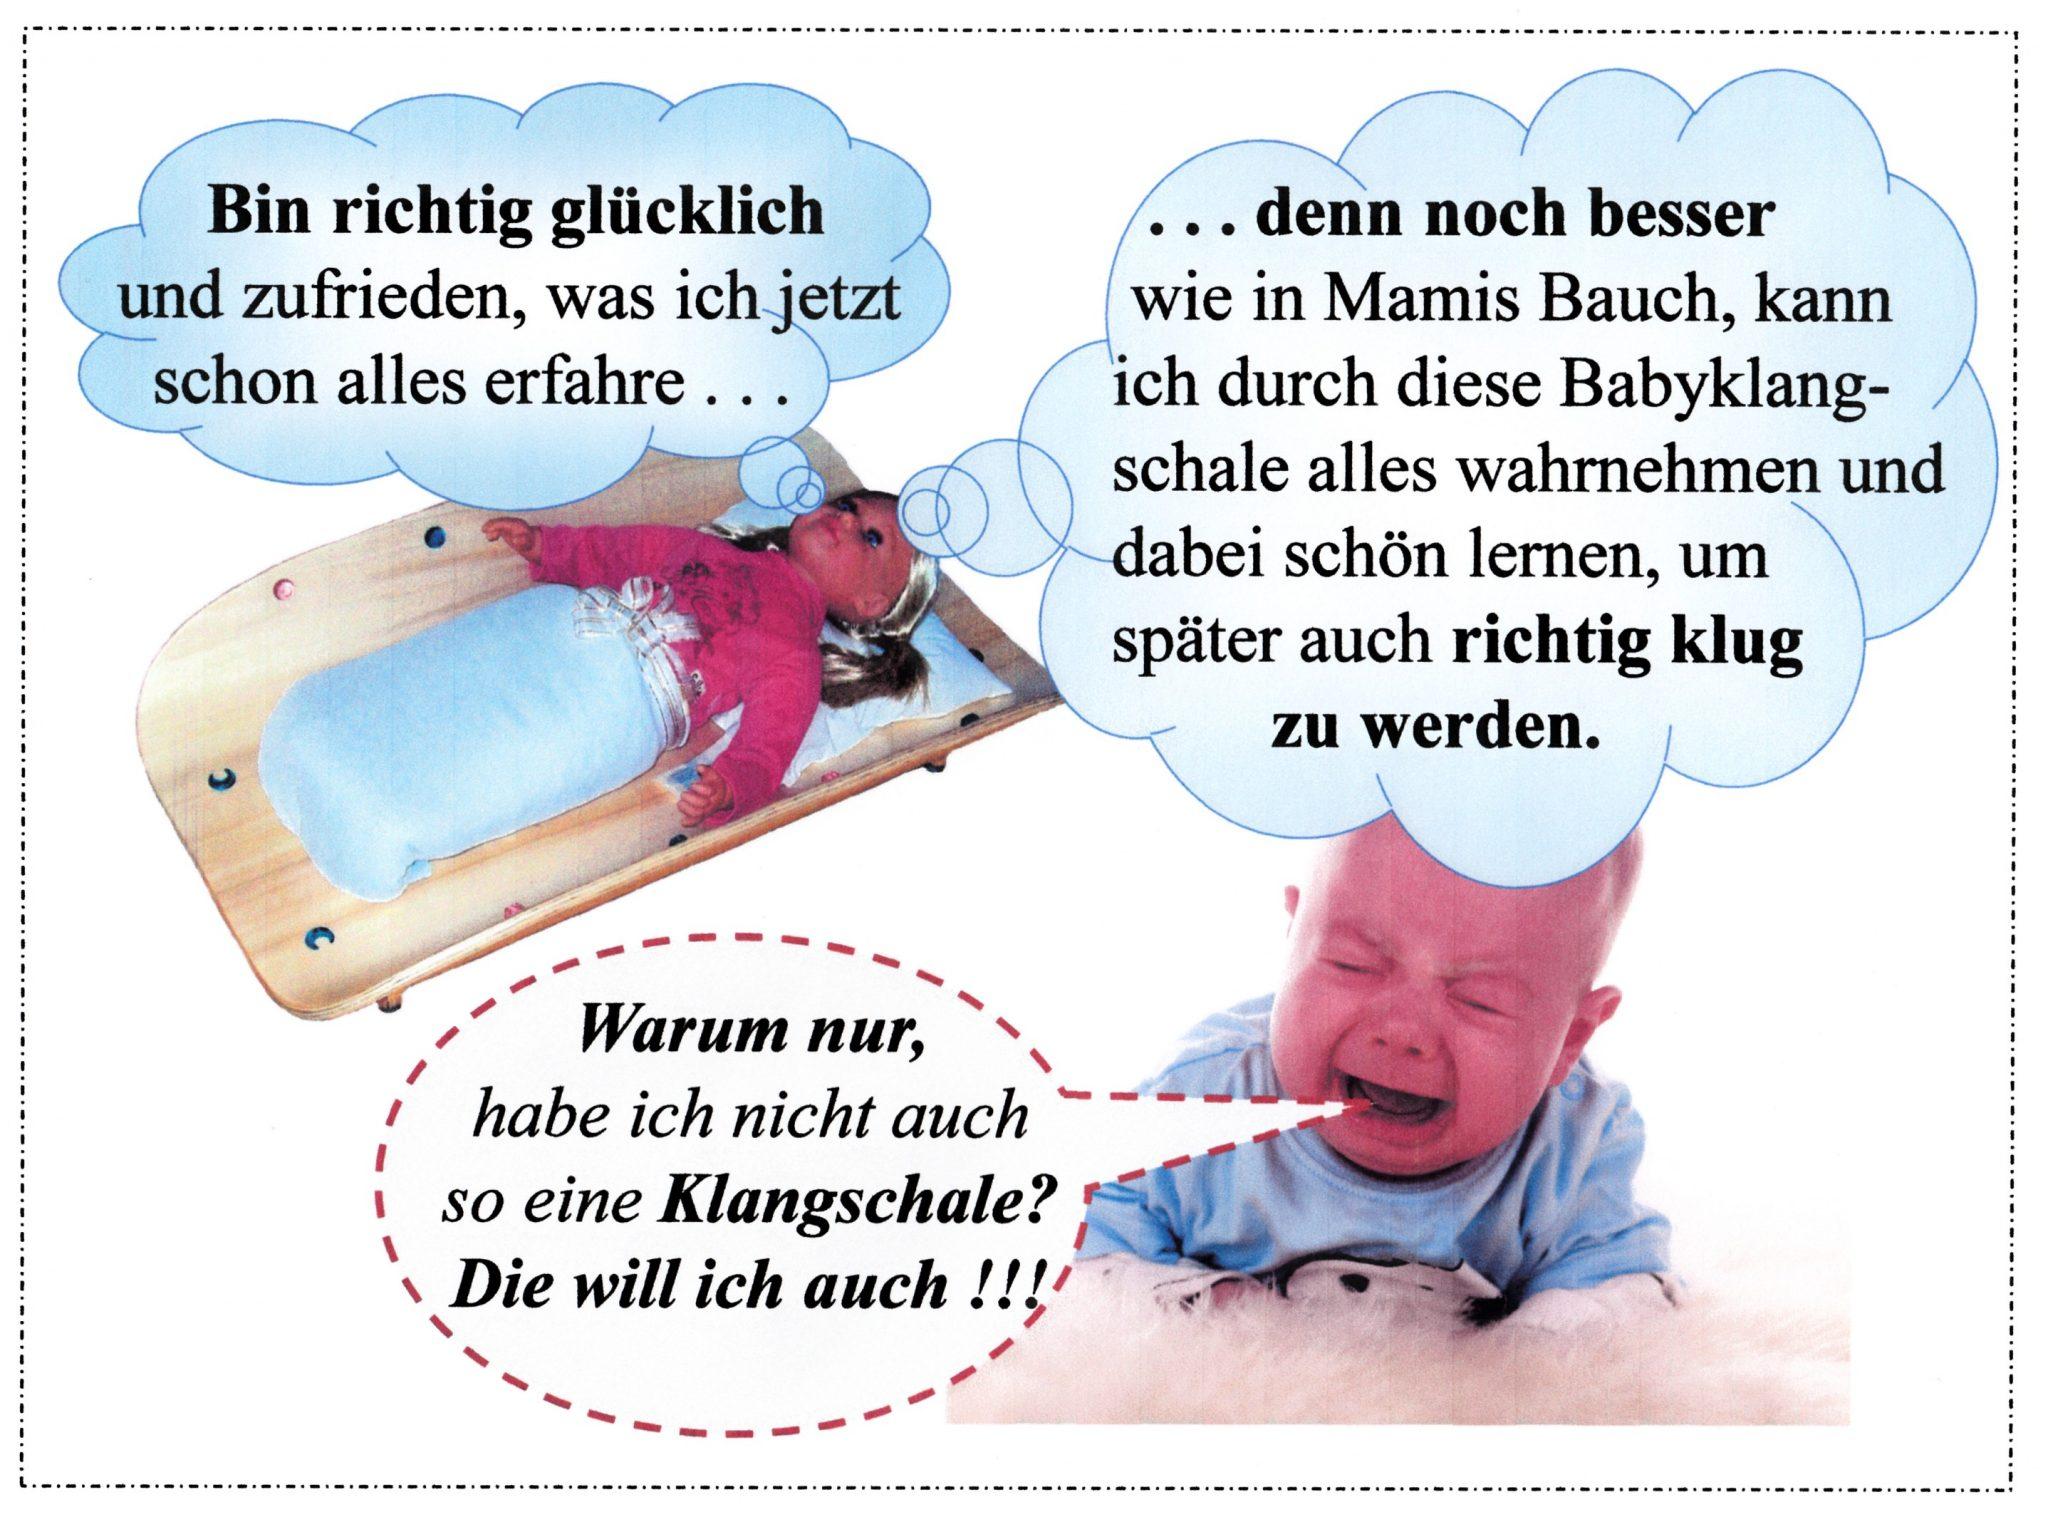 Erklärung zur Baby-Klangschale